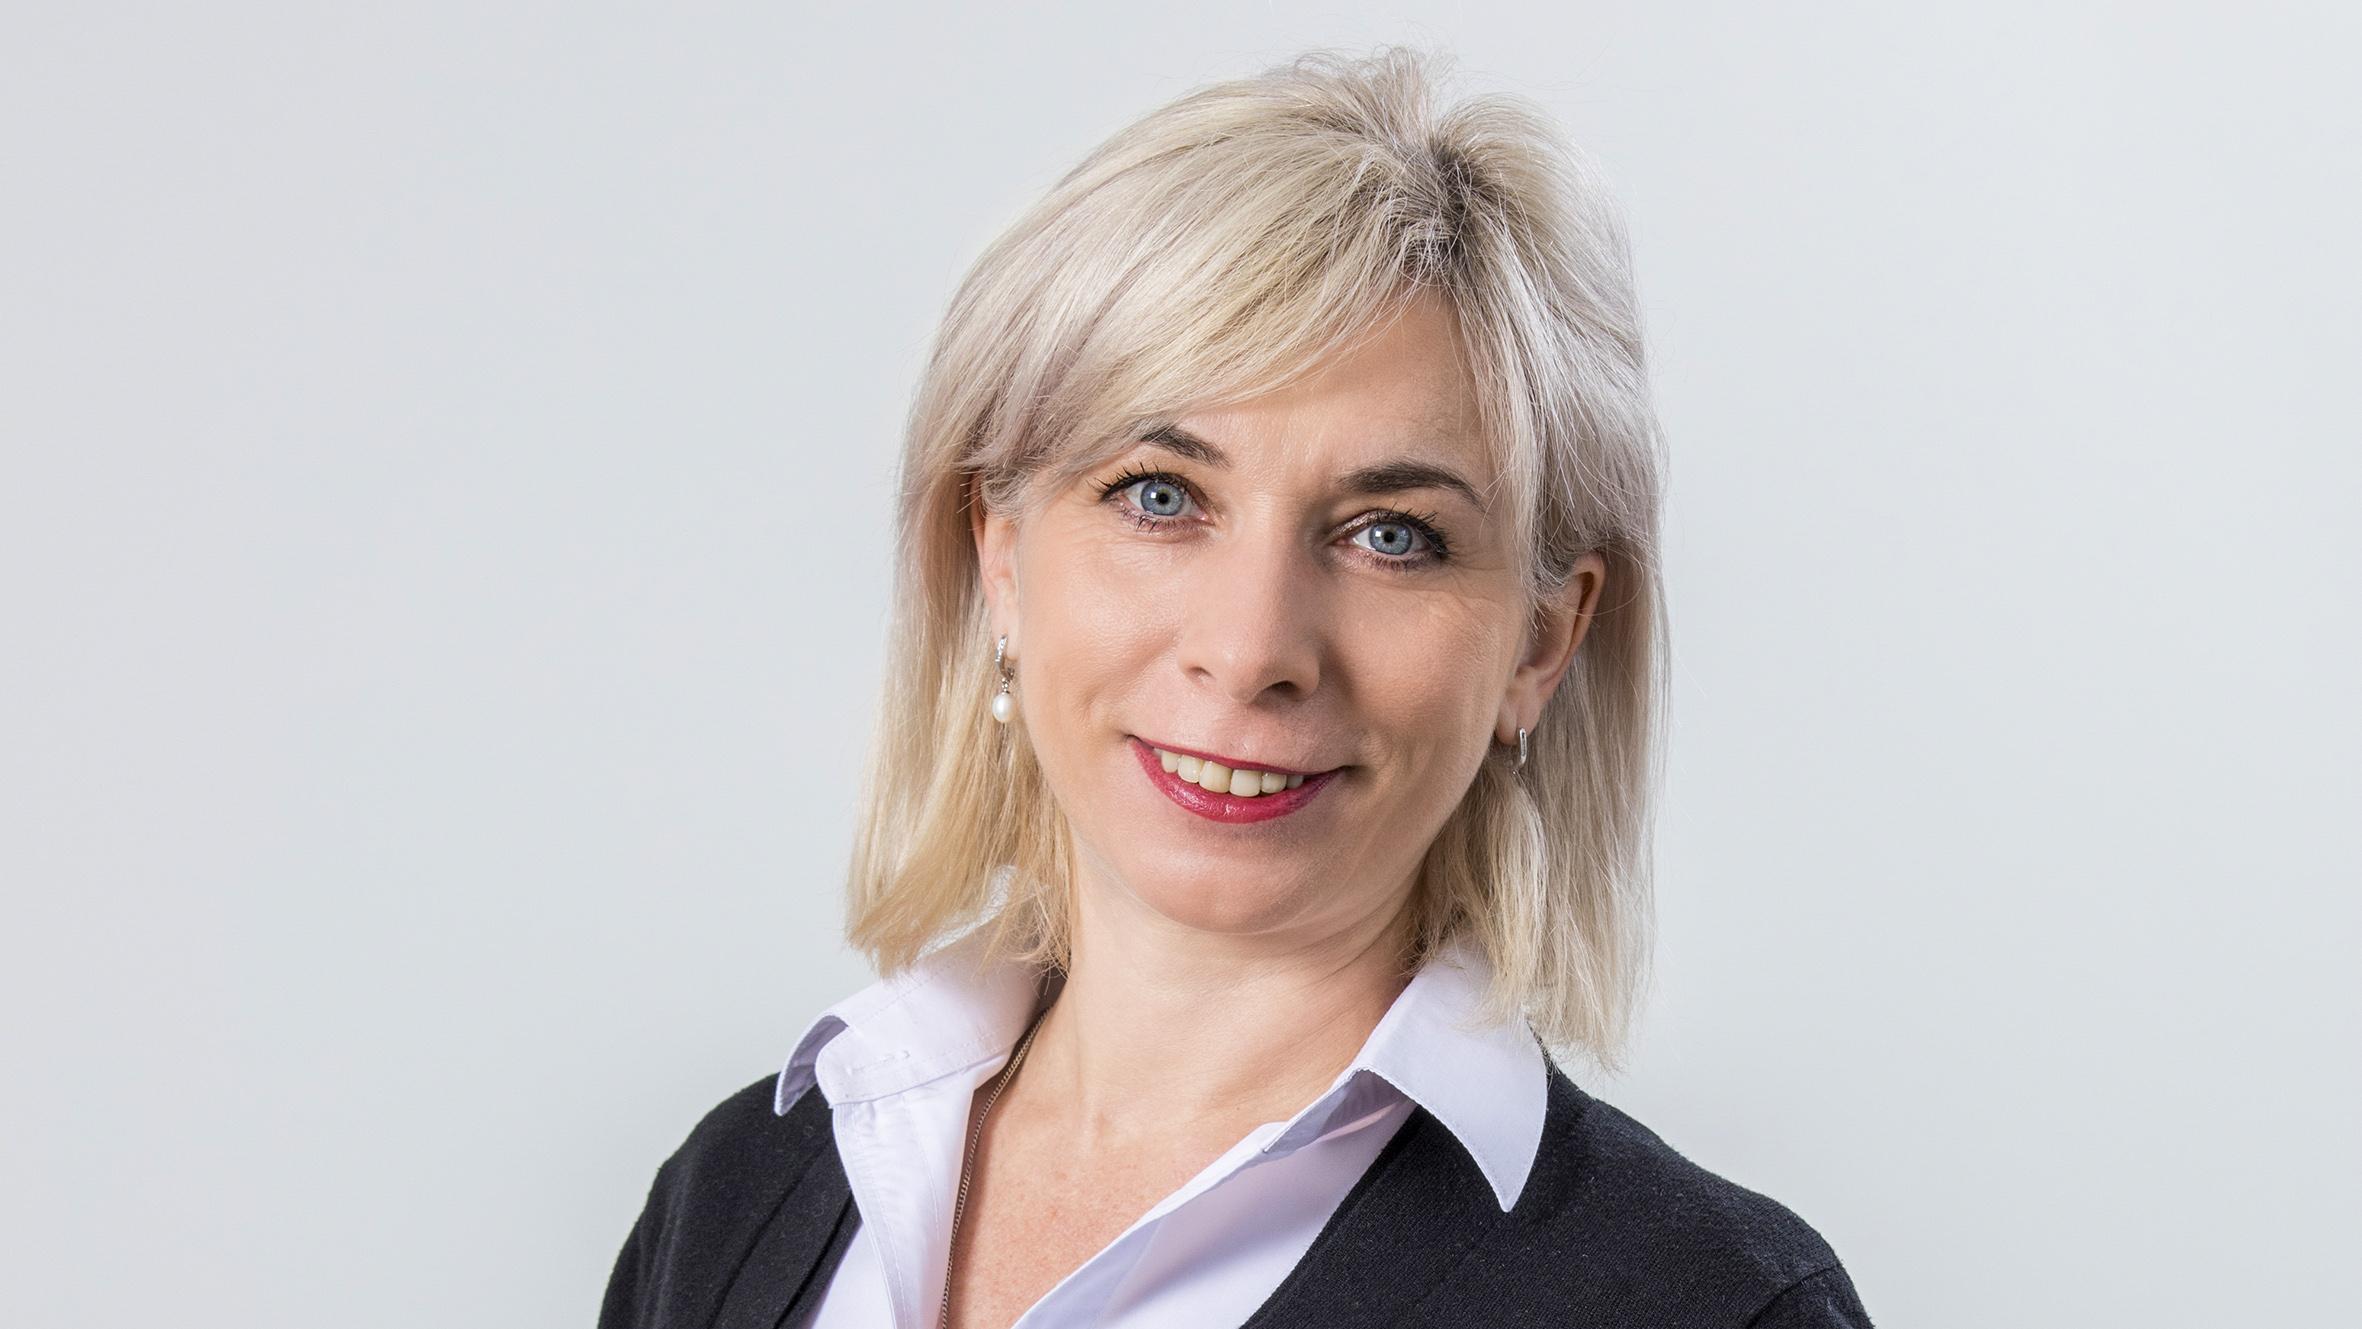 Larissa Markus